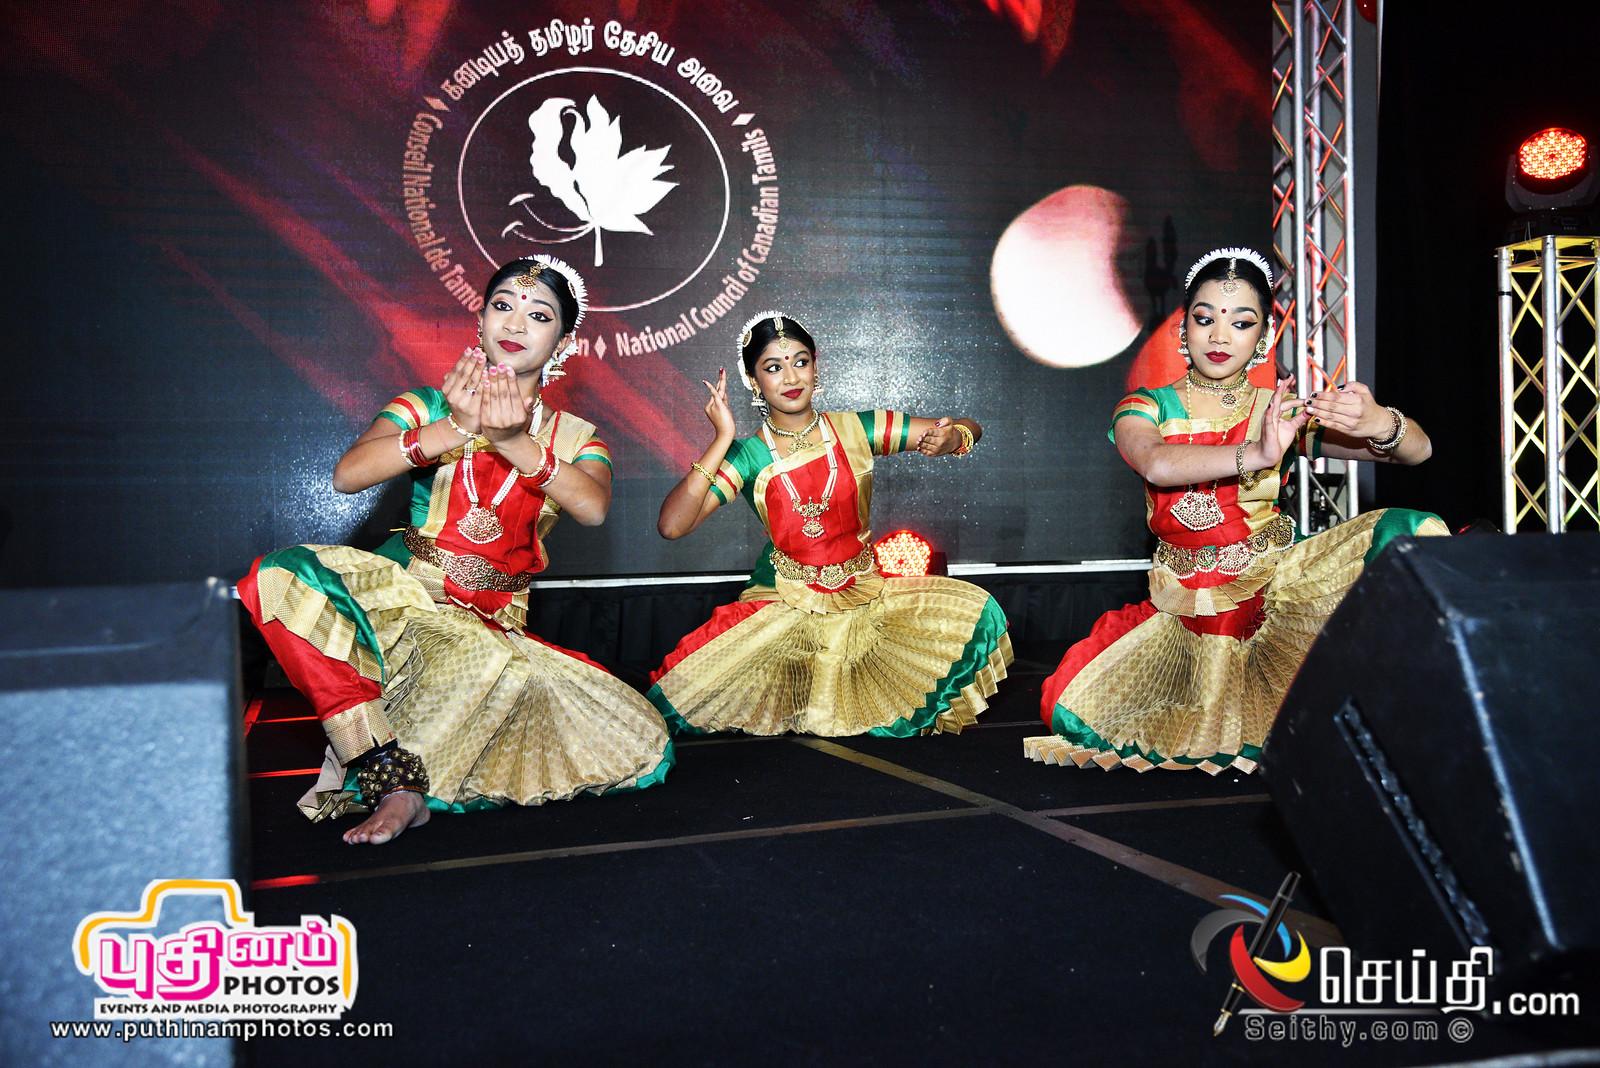 கனேடிய தமிழர் தேசிய அவையின் வருடாந்த விருது வழங்கல் விழாவும் இரவுபோசன விருந்து நிகழ்வும் - 2018